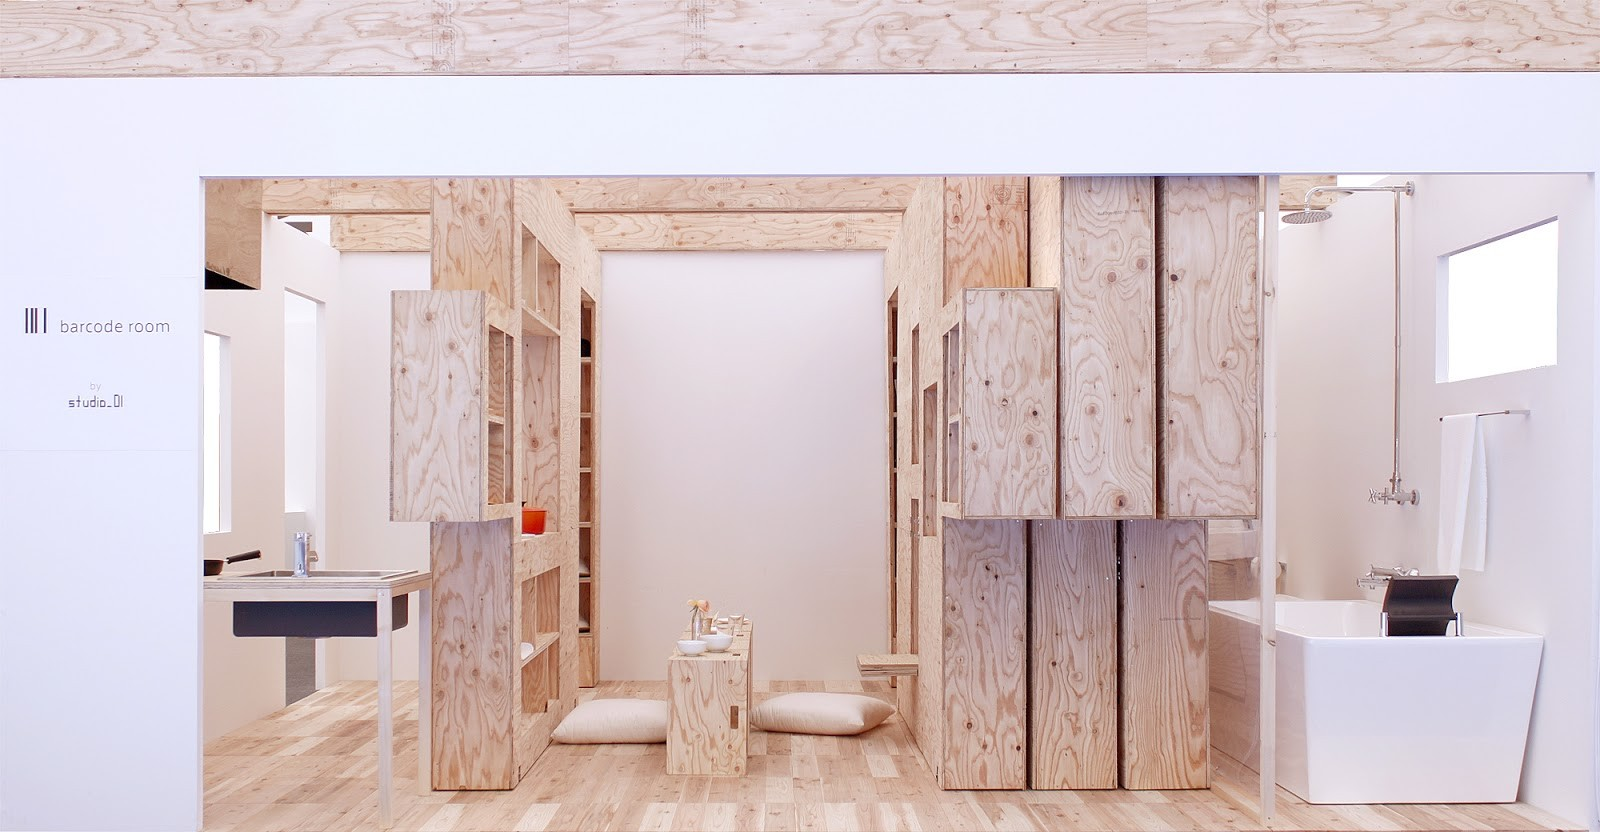 Barcode Room: Un espacio mínimo y flexible a través de muebles dinámicos , © Studio_01